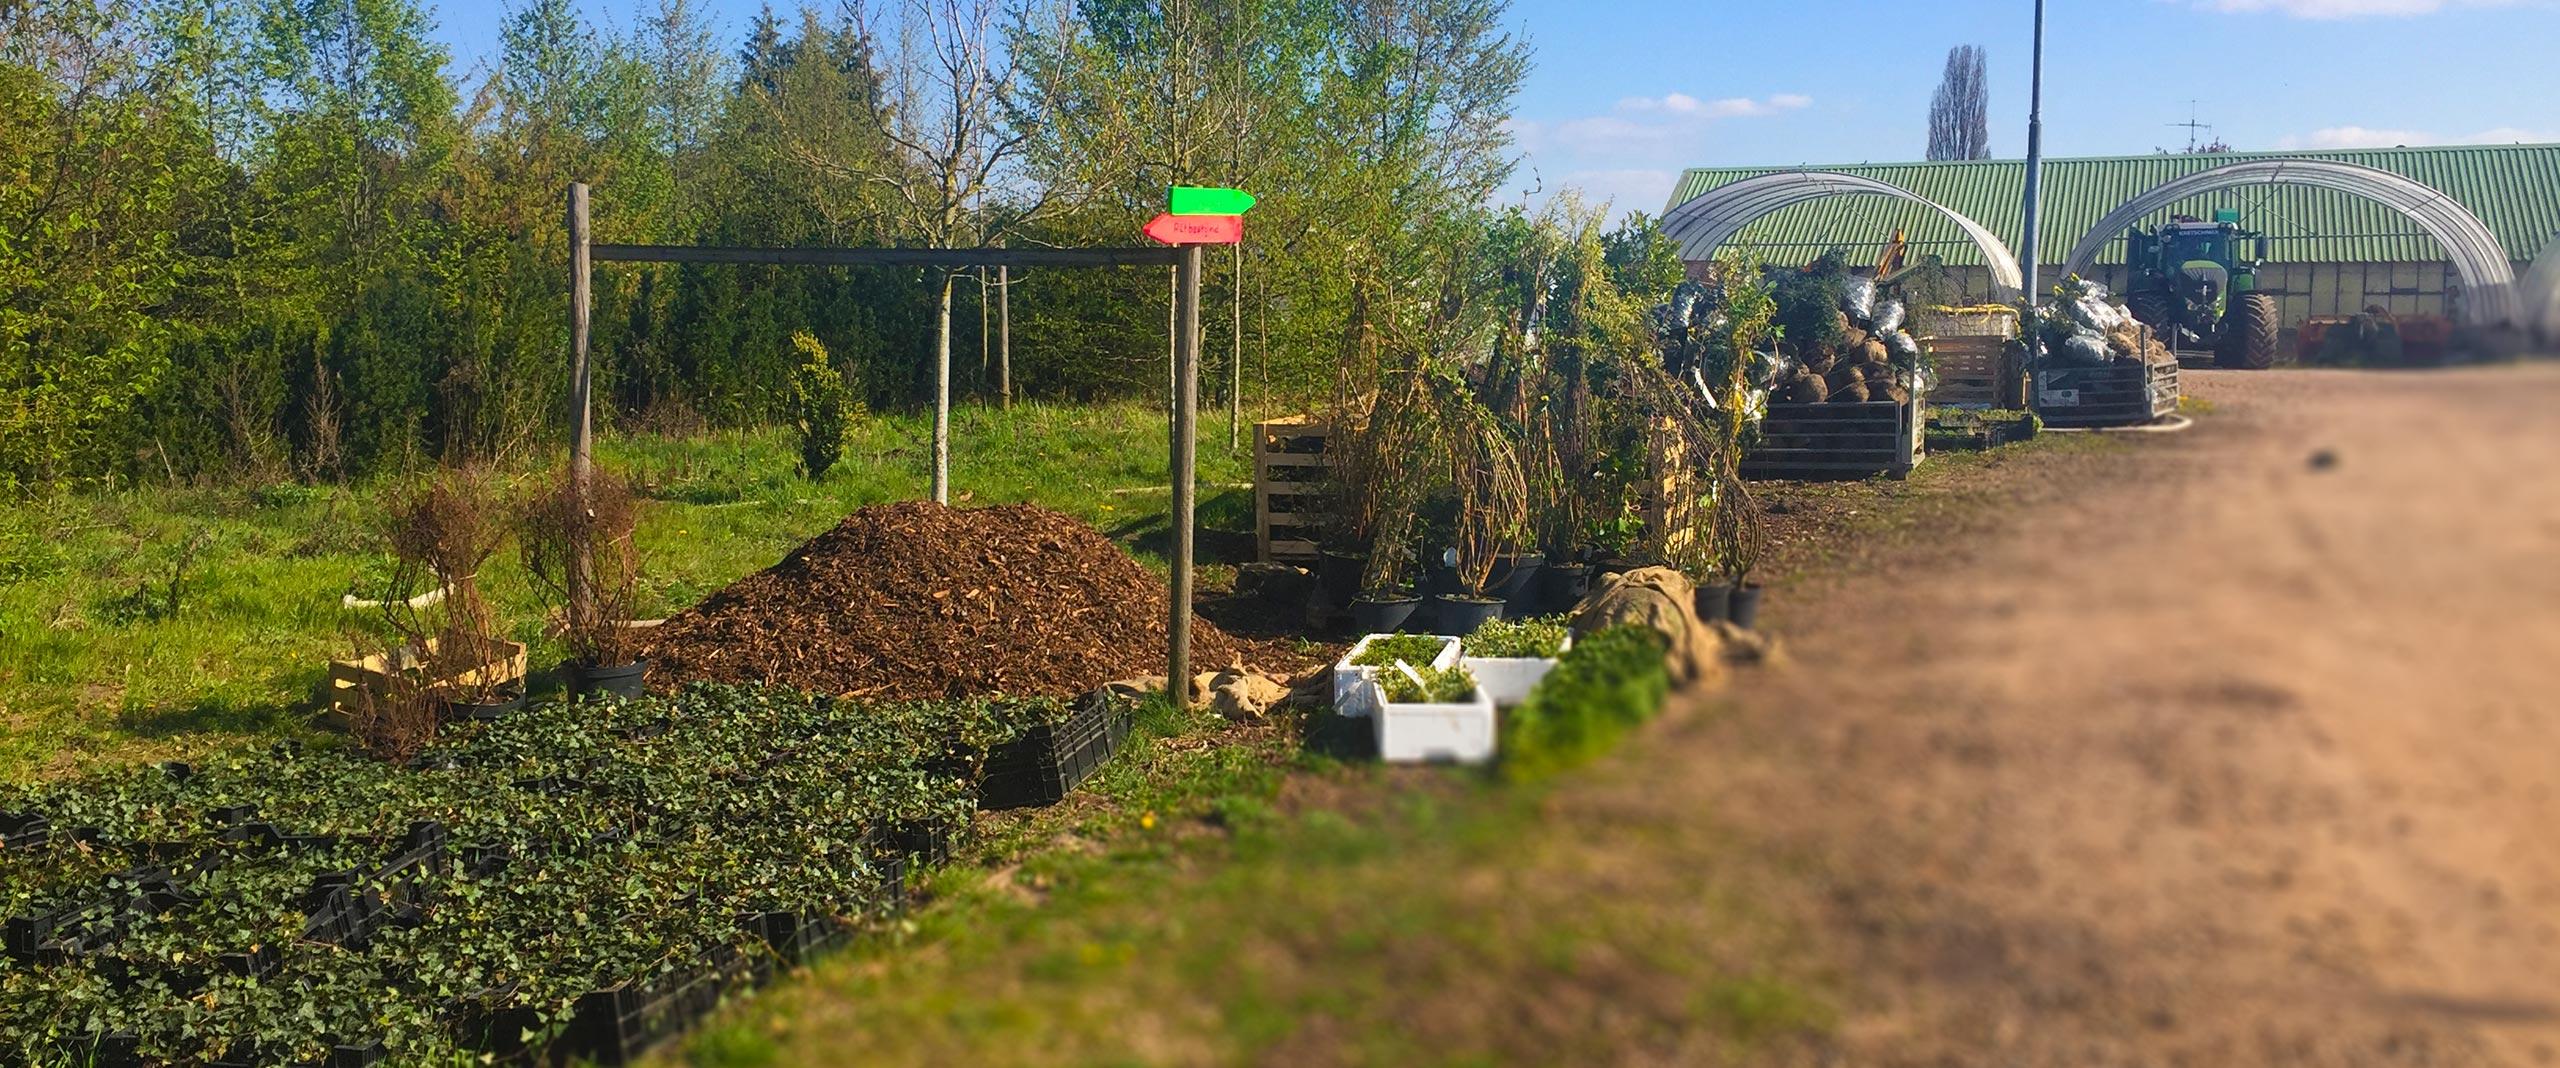 Unser Woche | Pflanzenlieferung